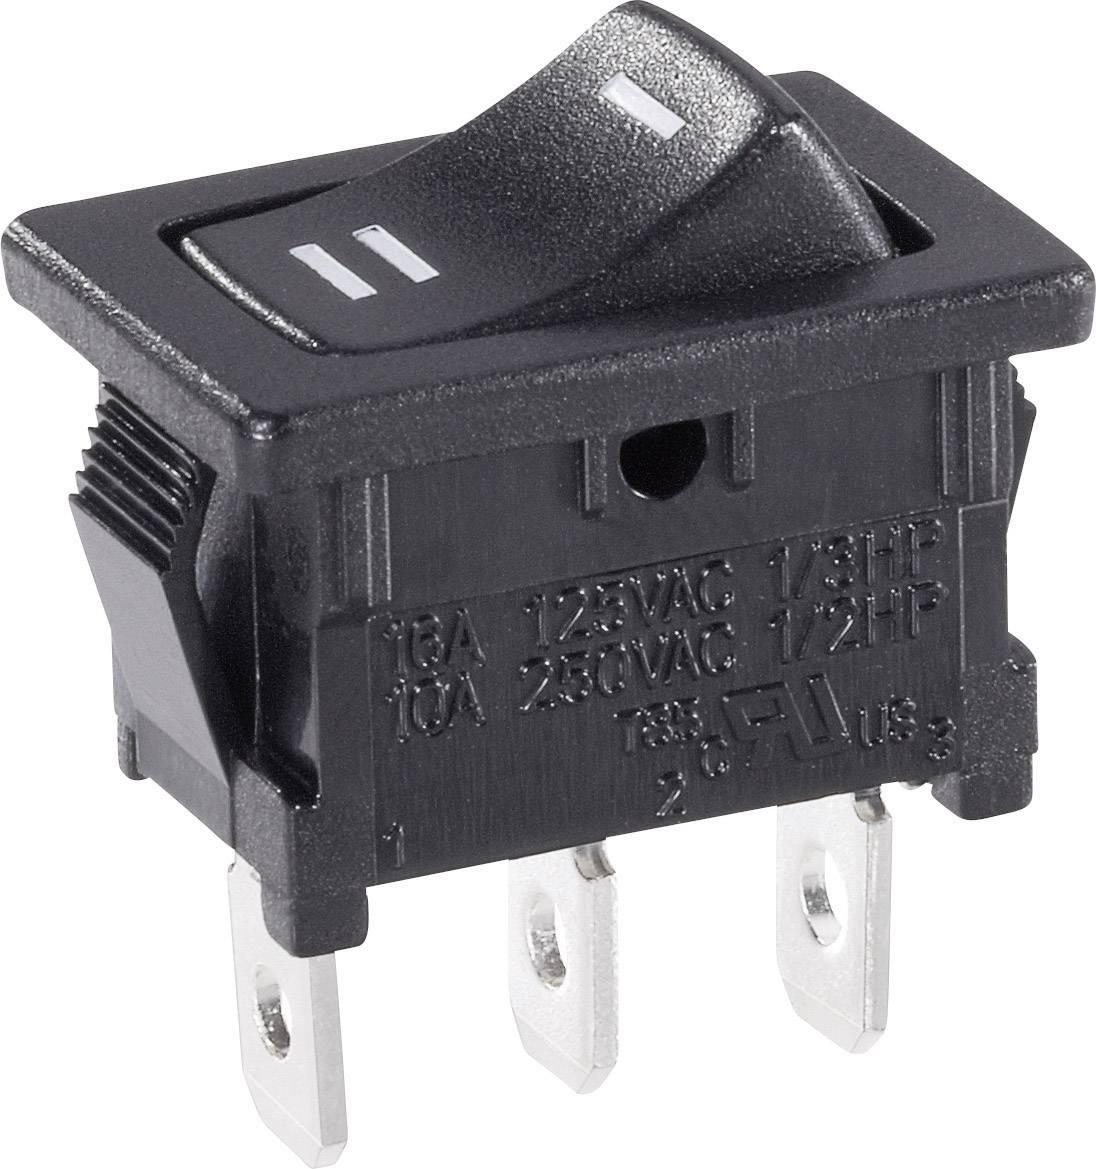 Kolískový spínač SCI R13-66C-02 s aretáciou 250 V/AC, 6 A, 1 zap/zap, čierna, 1 ks